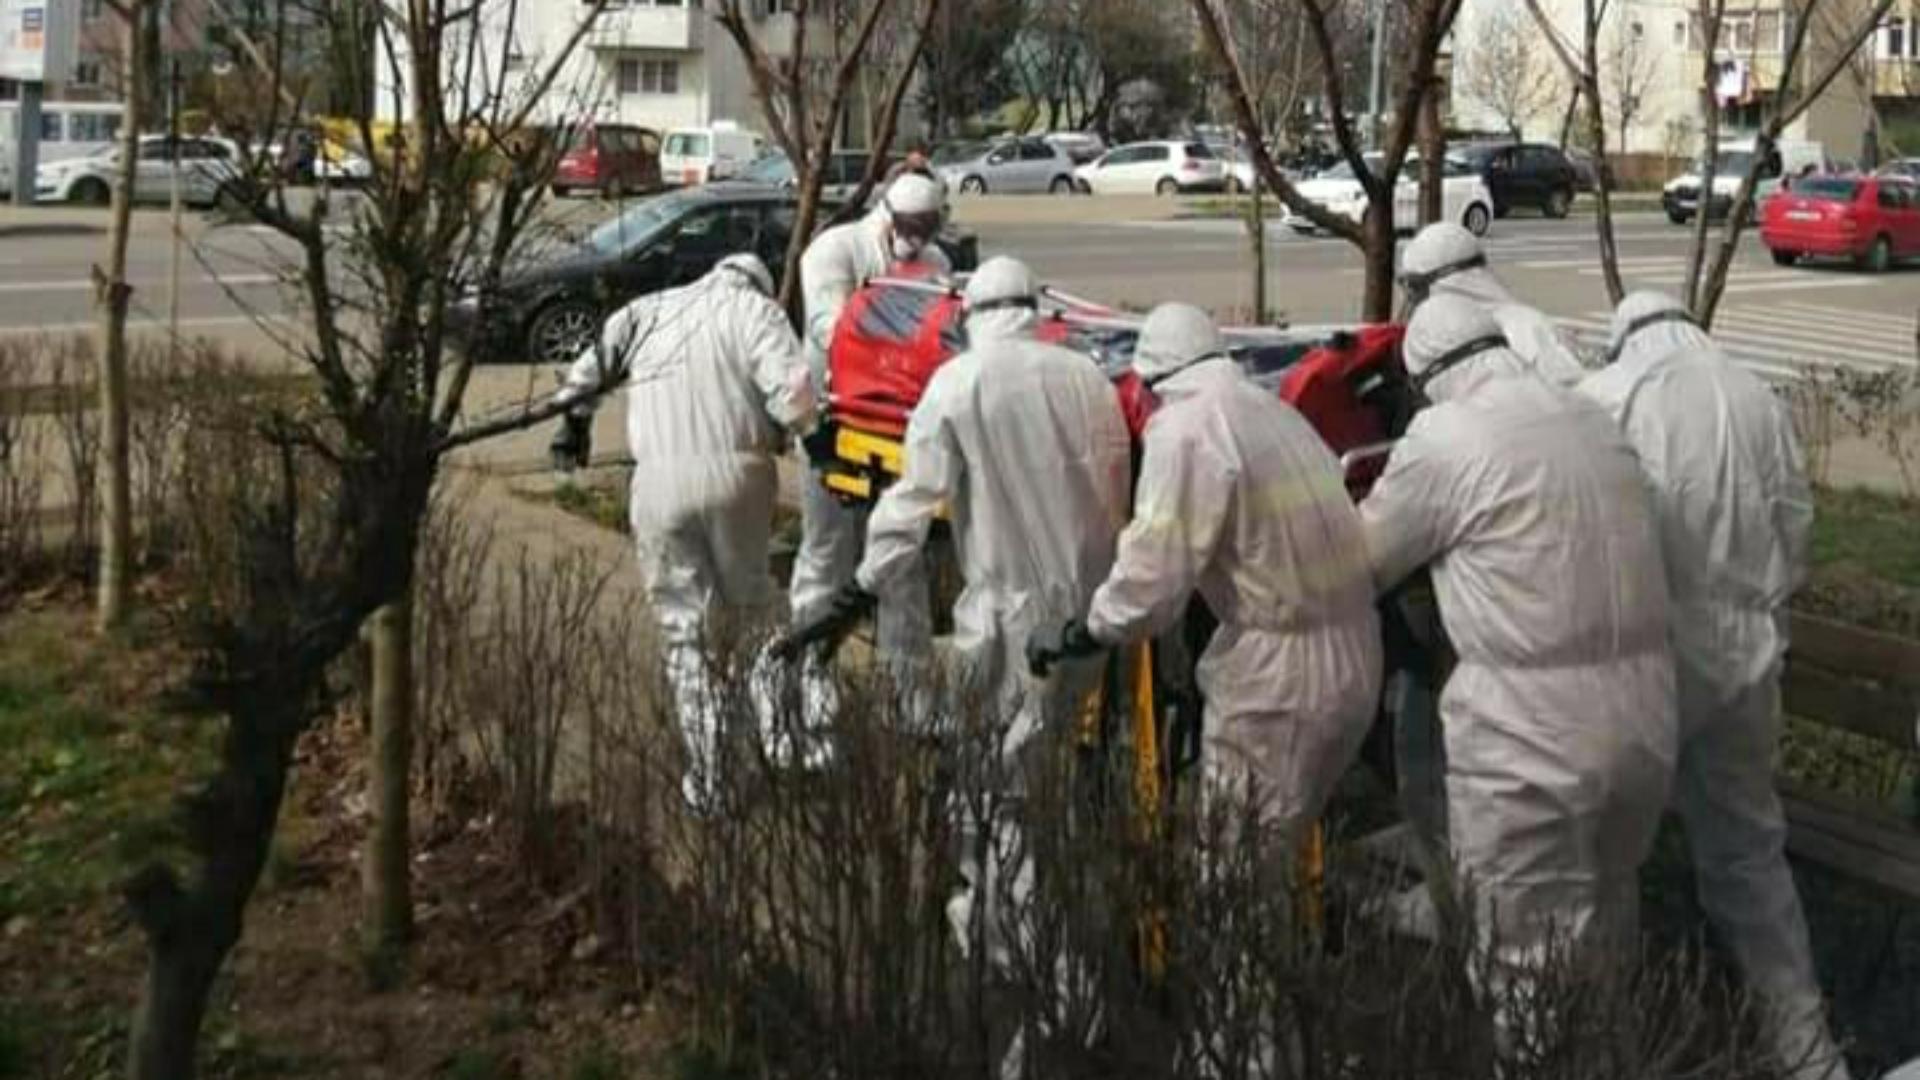 Suspect de coronavirus în Bacău! Bărbat venit din Anglia preluat cu izoleta de pe strada Milcov